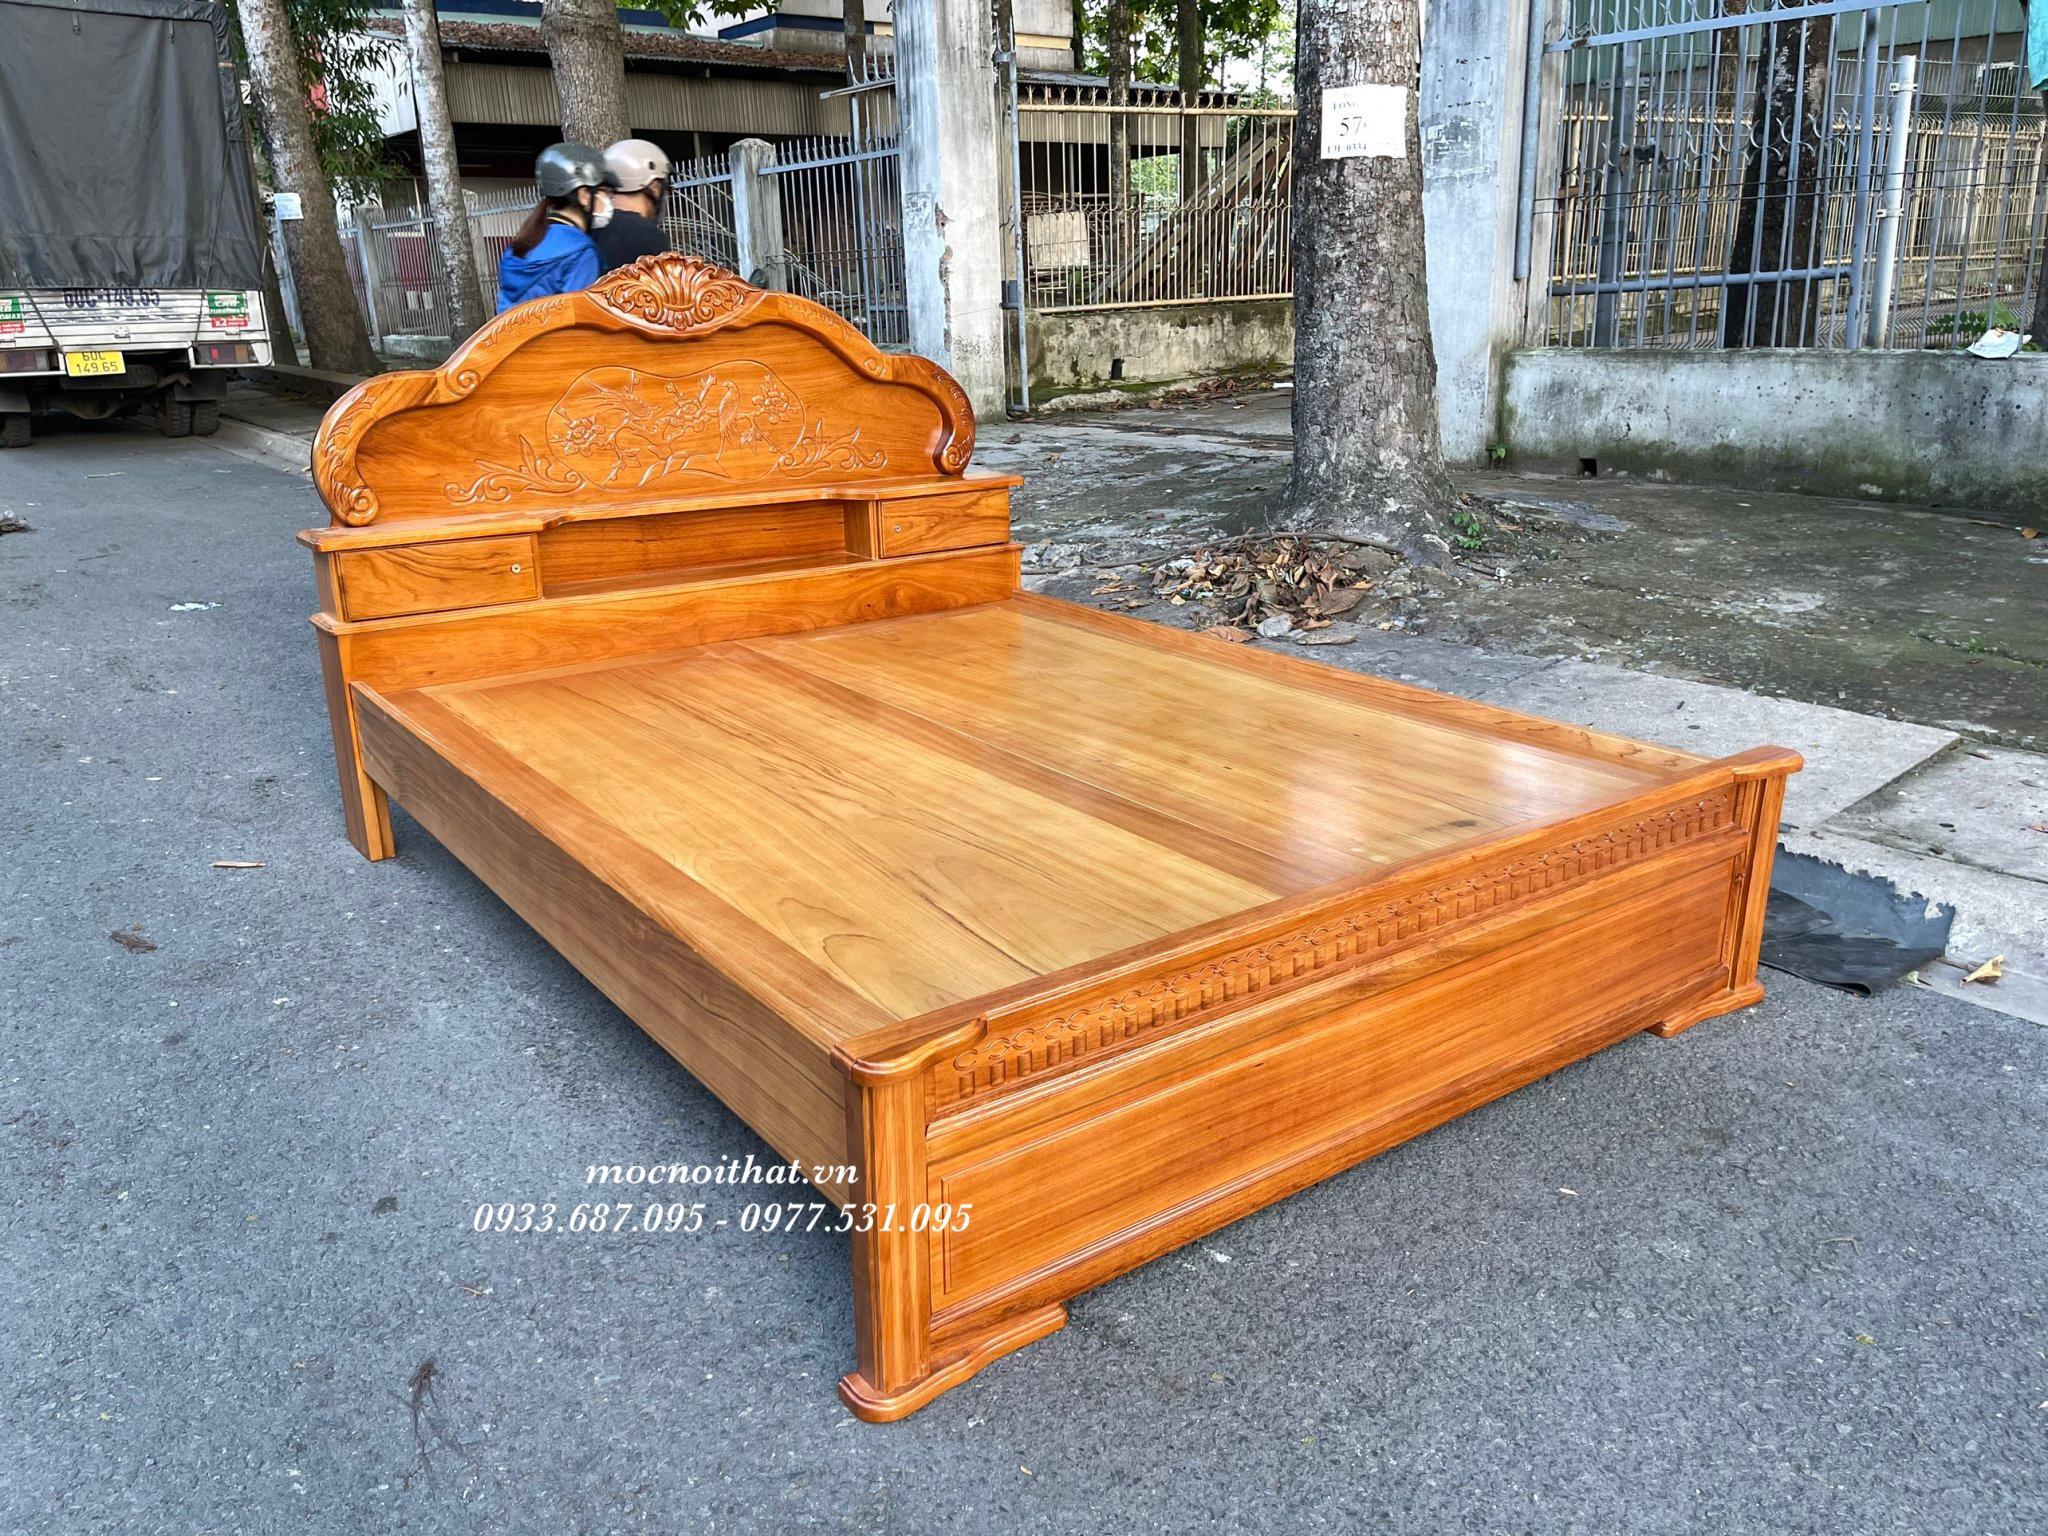 đồ gỗ, đồ gỗ nội thất cao cấp, chất lượng cao, giá phải chăng, mocnoithat, mộc nội thất